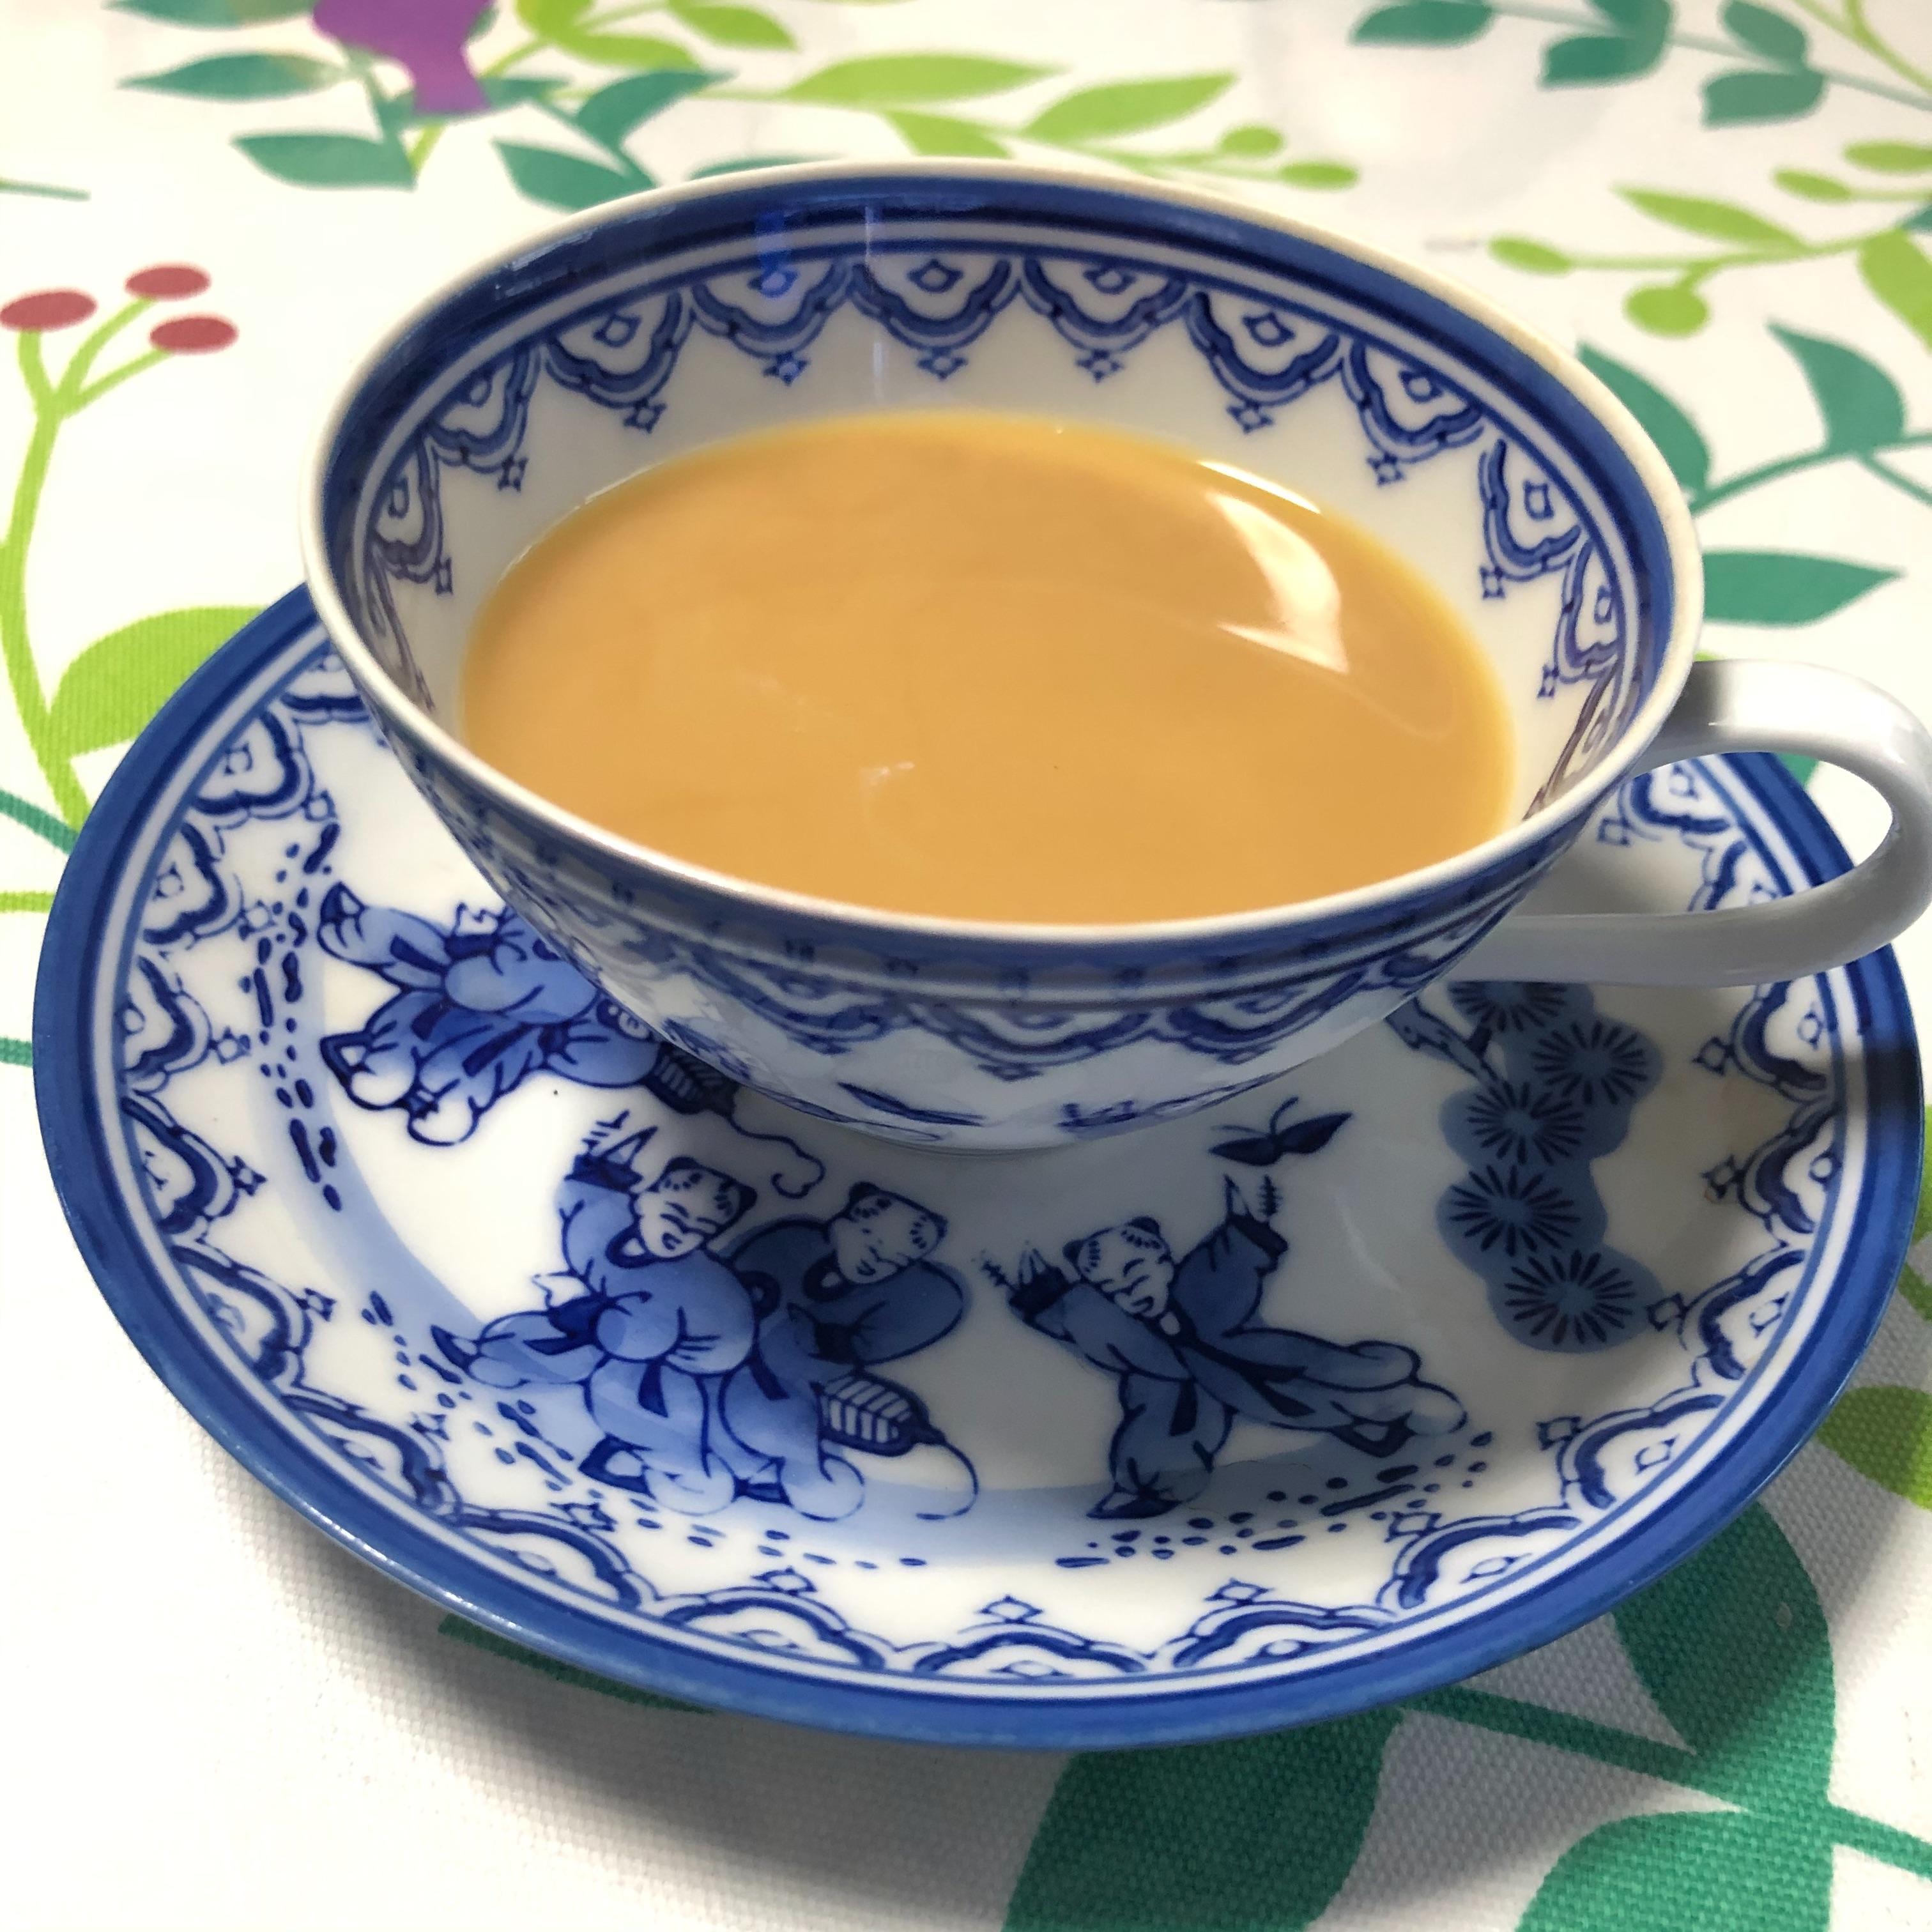 f:id:teaholic-fluteuk:20210108002742j:image